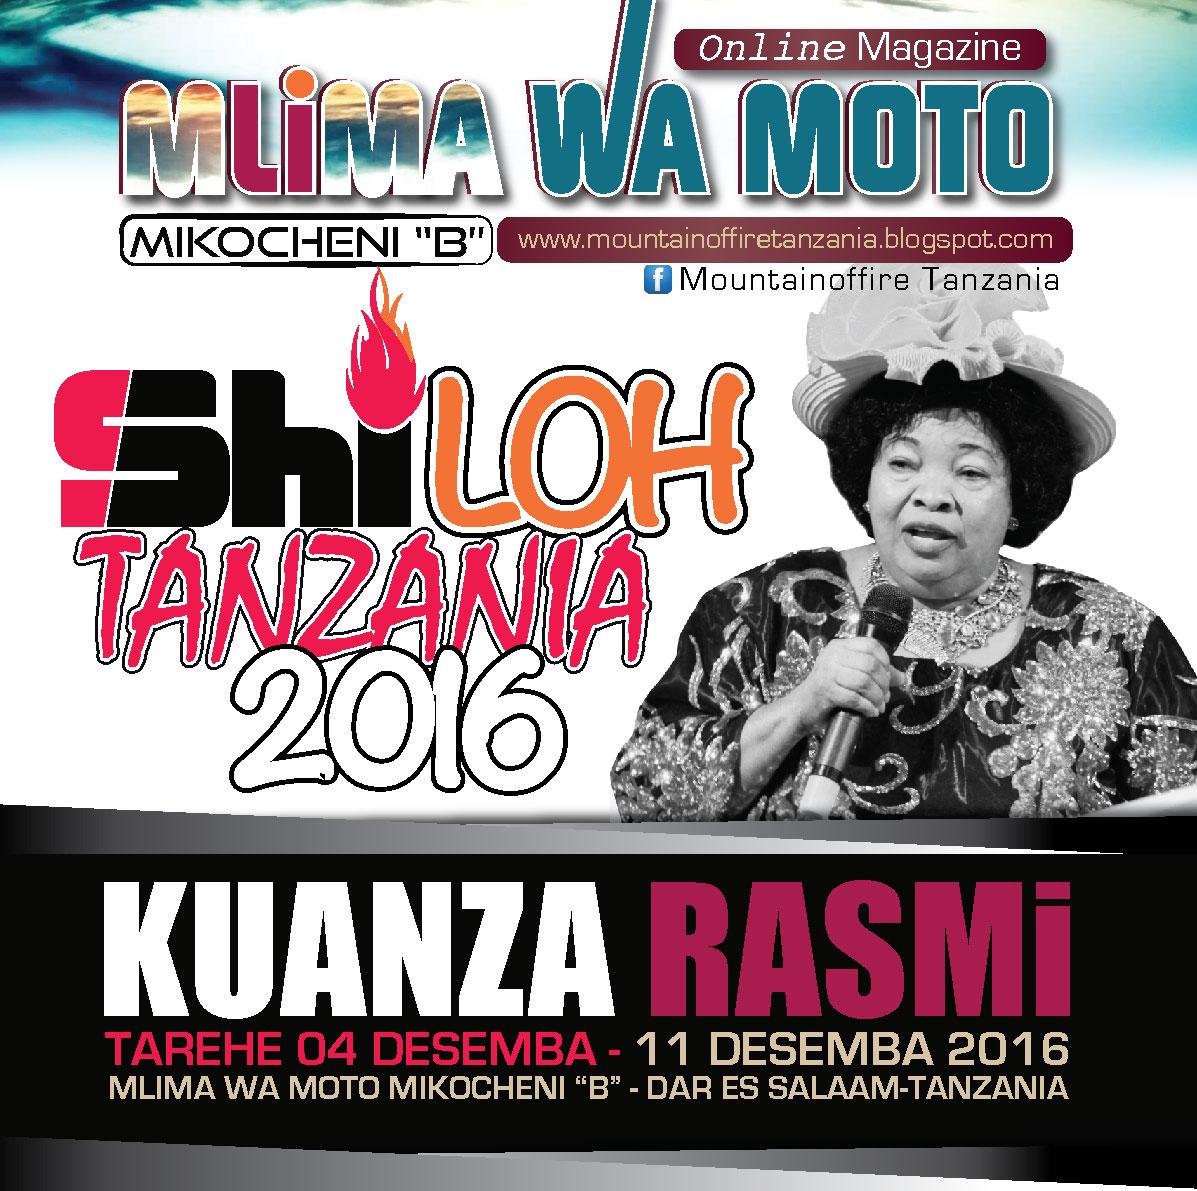 SHILOH TANZANIA 2016